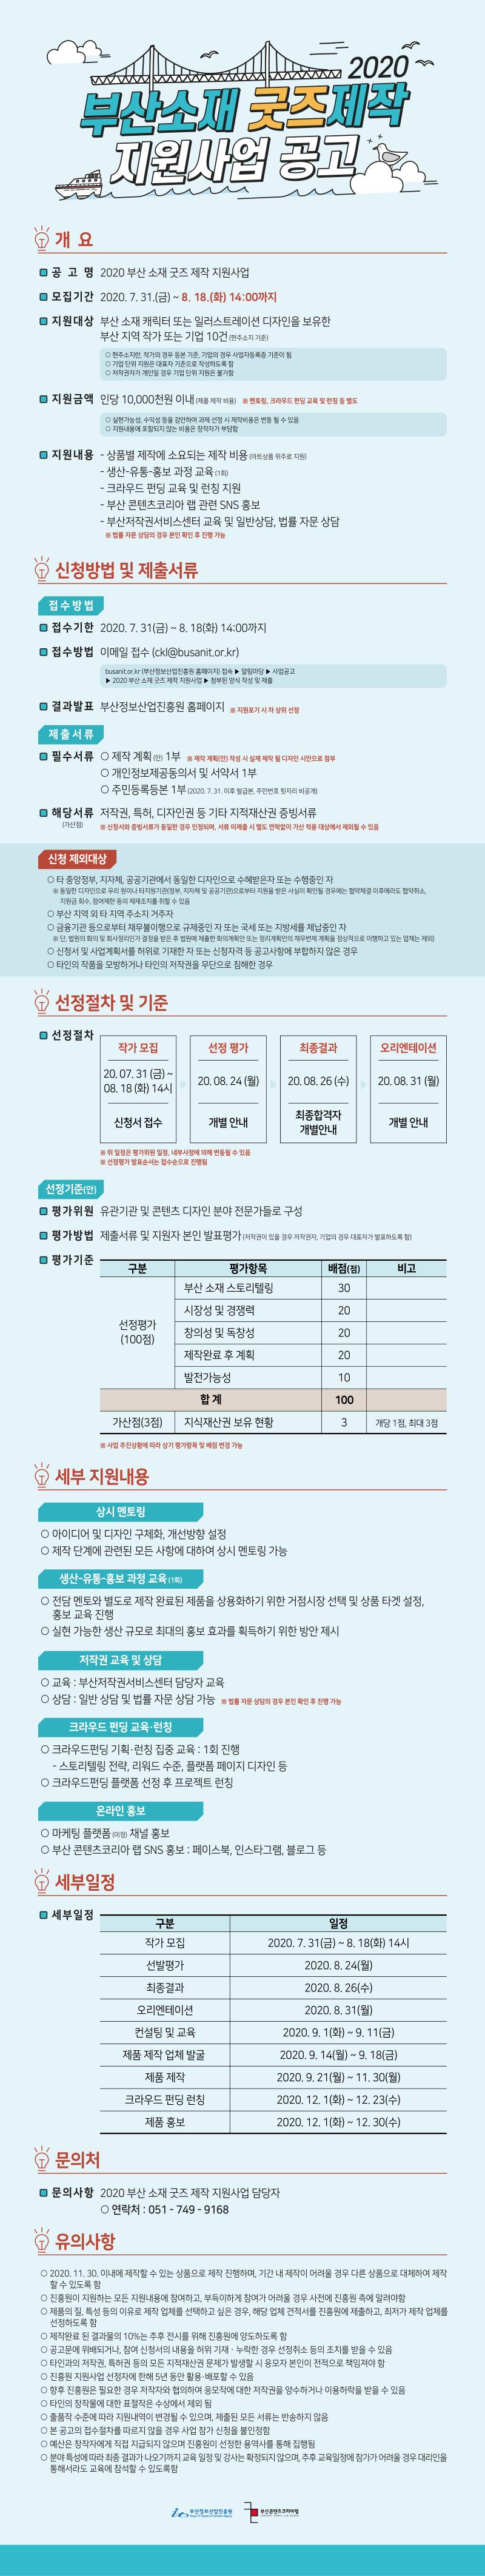 2020 부산 소재 굿즈 제작 지원사업 공고